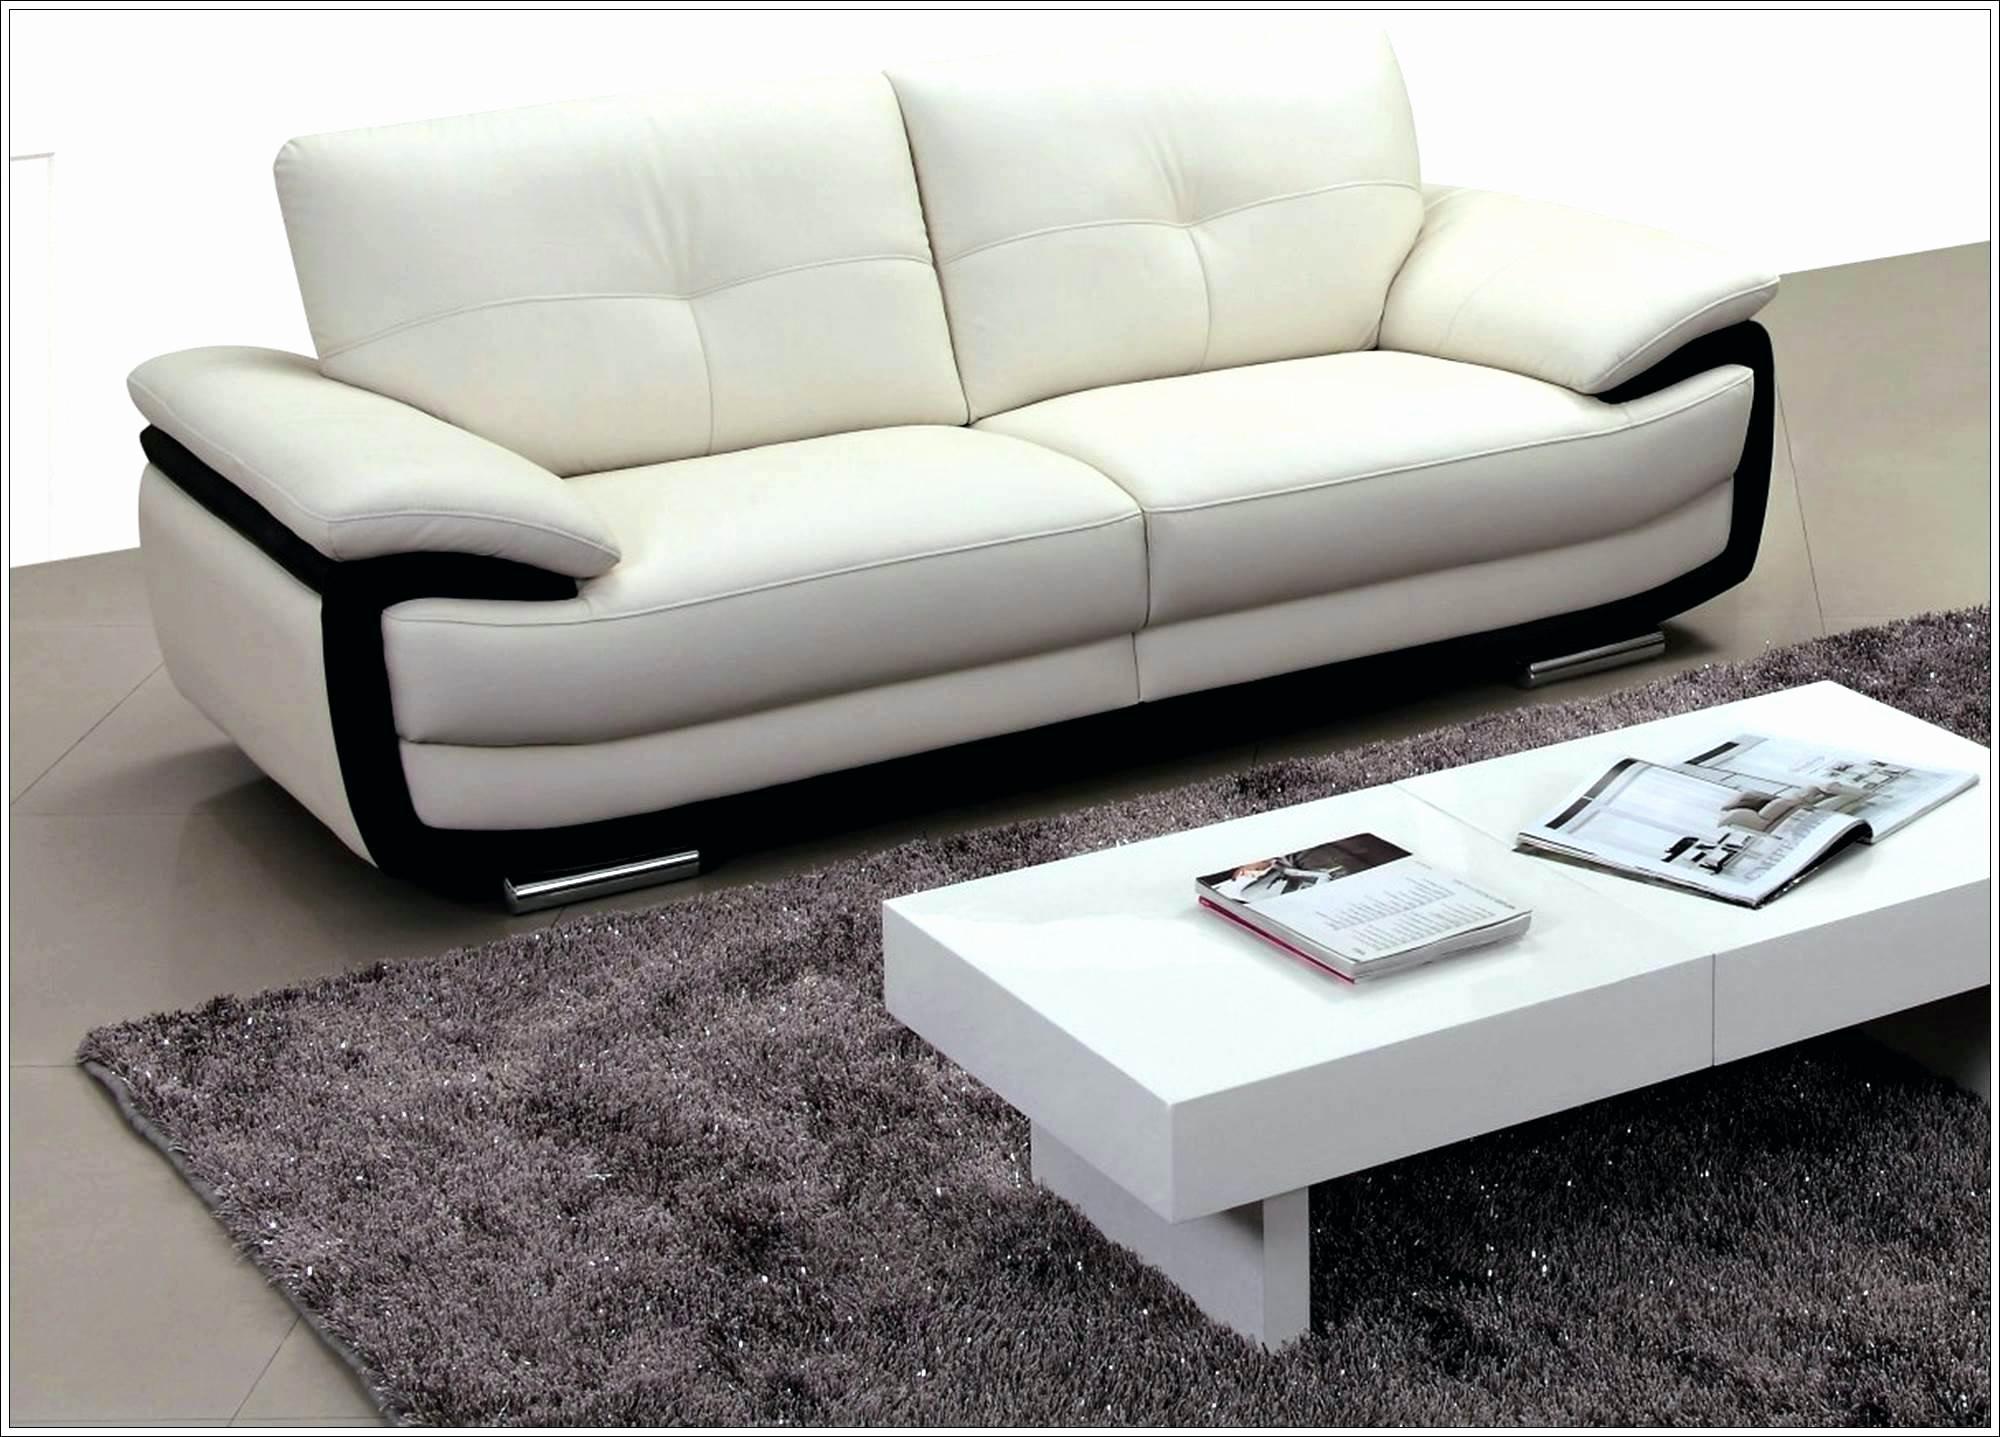 Canapé 3 Places Convertible Conforama Frais Images Canap Convertible 3 Places Conforama 11 Lit 2 Pas Cher Ikea but